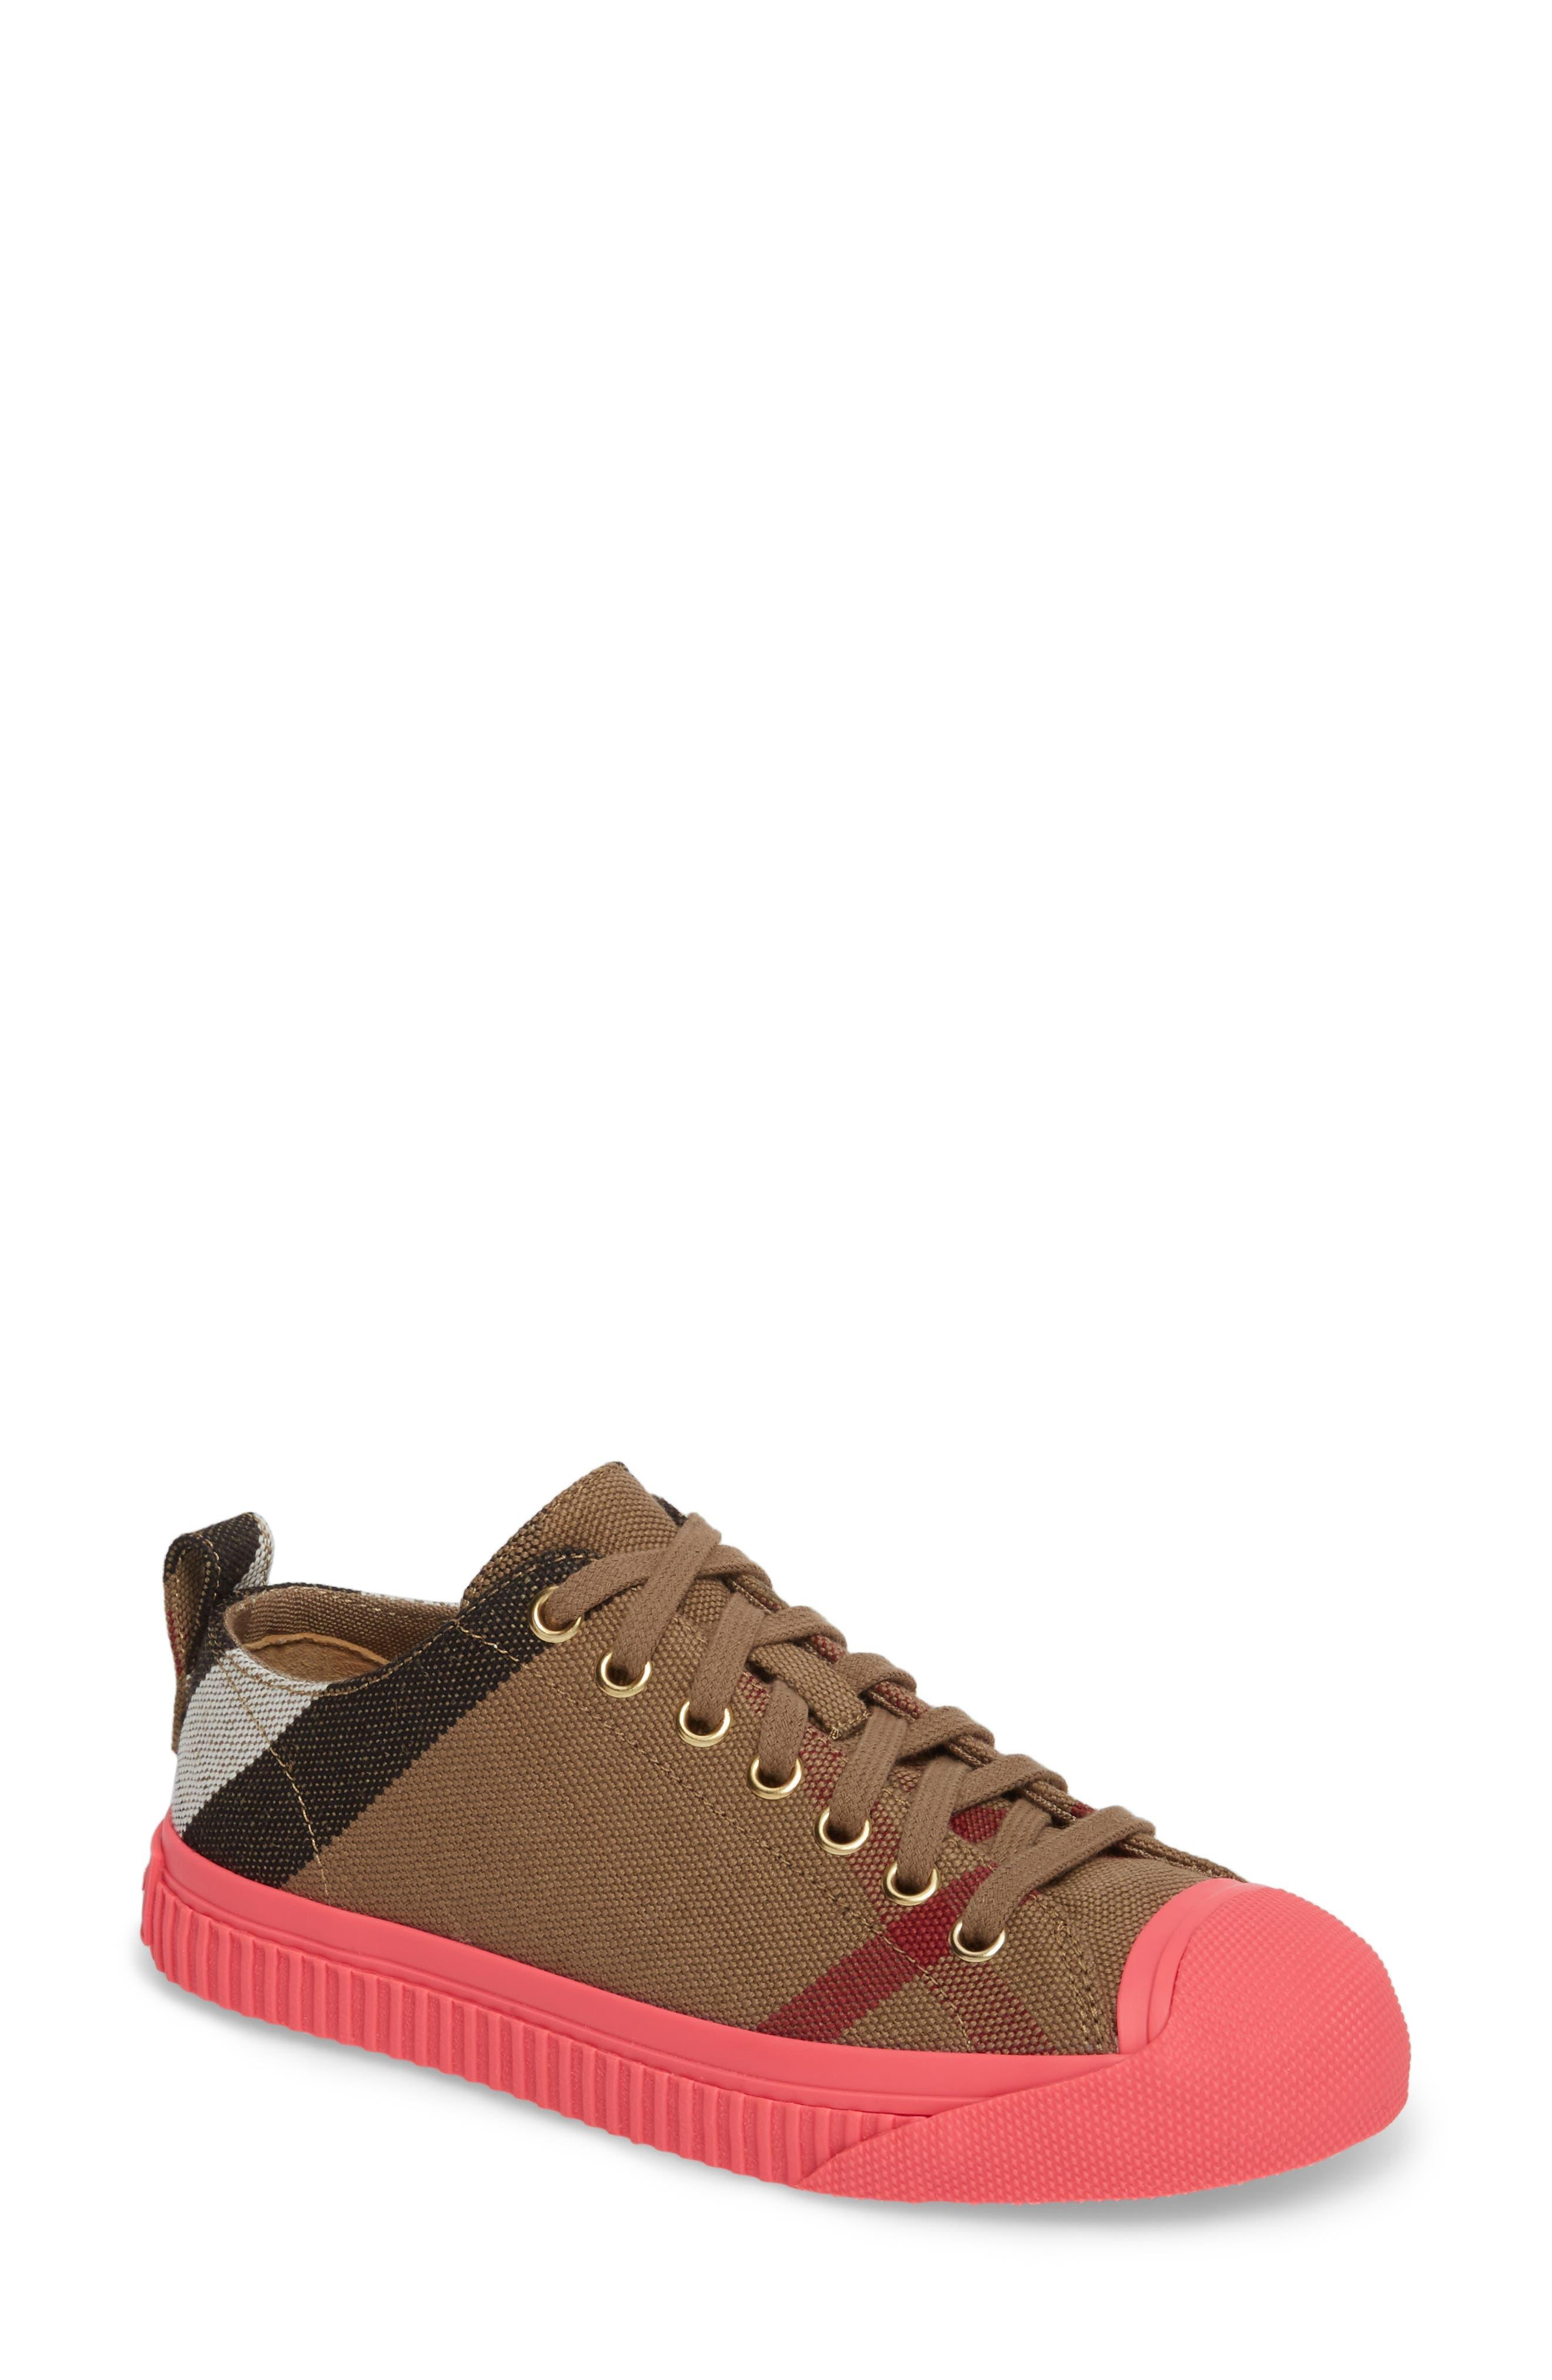 Bourne Sneaker,                         Main,                         color, 250